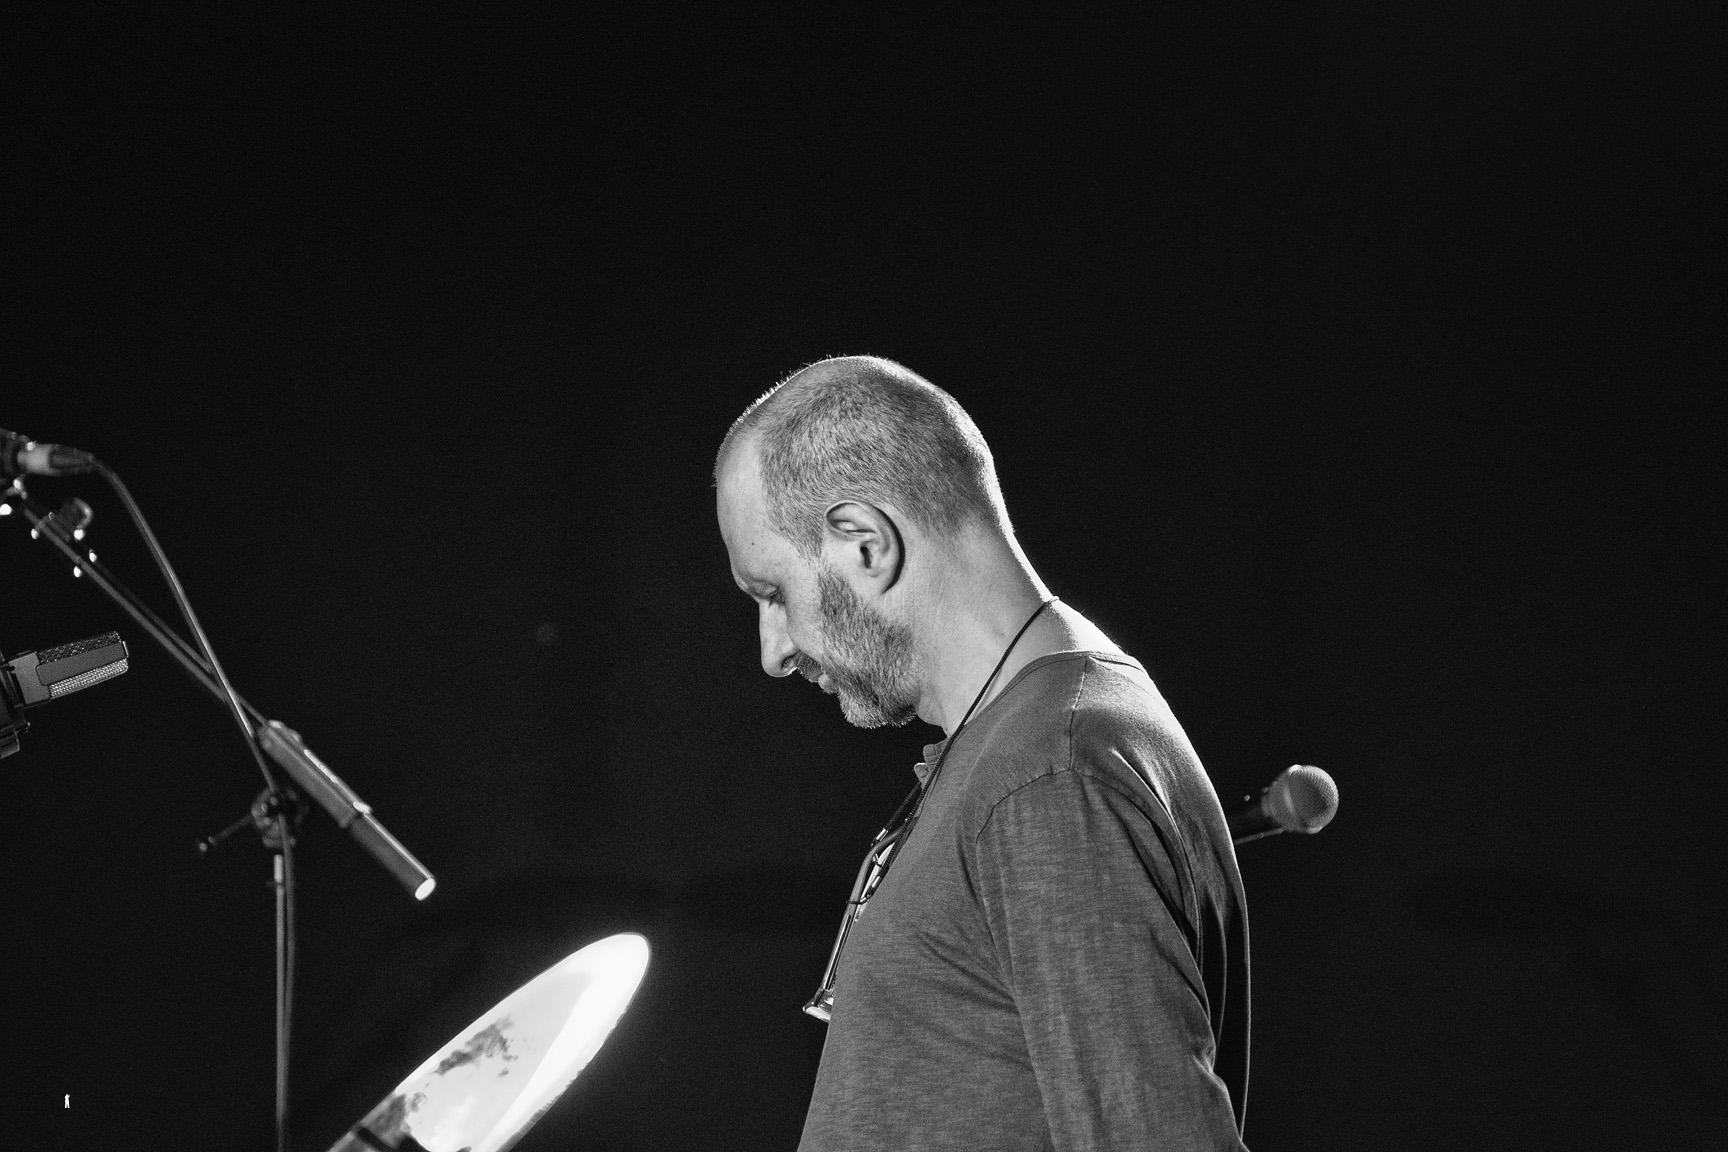 Jorge Rossy